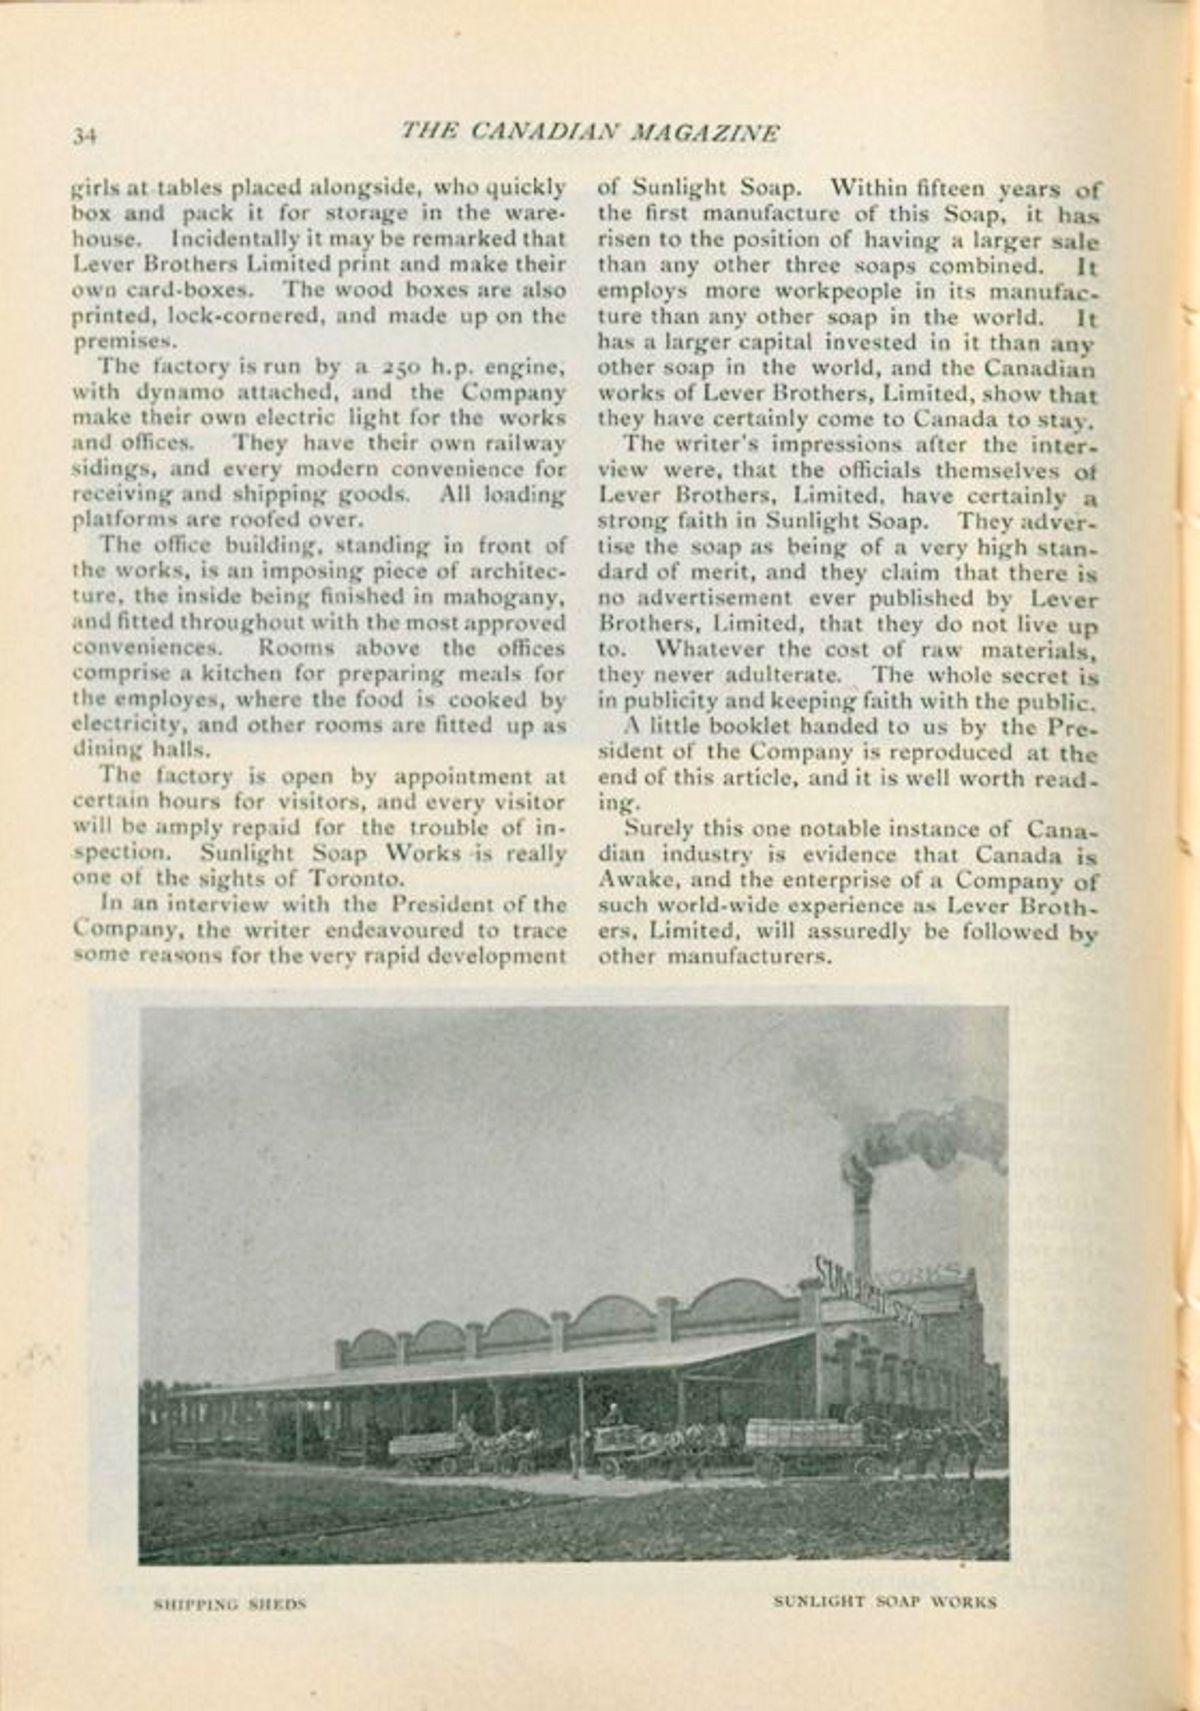 19011200 The Canadian magazine Vol. 18, no. 2 (Dec. 1901) 34